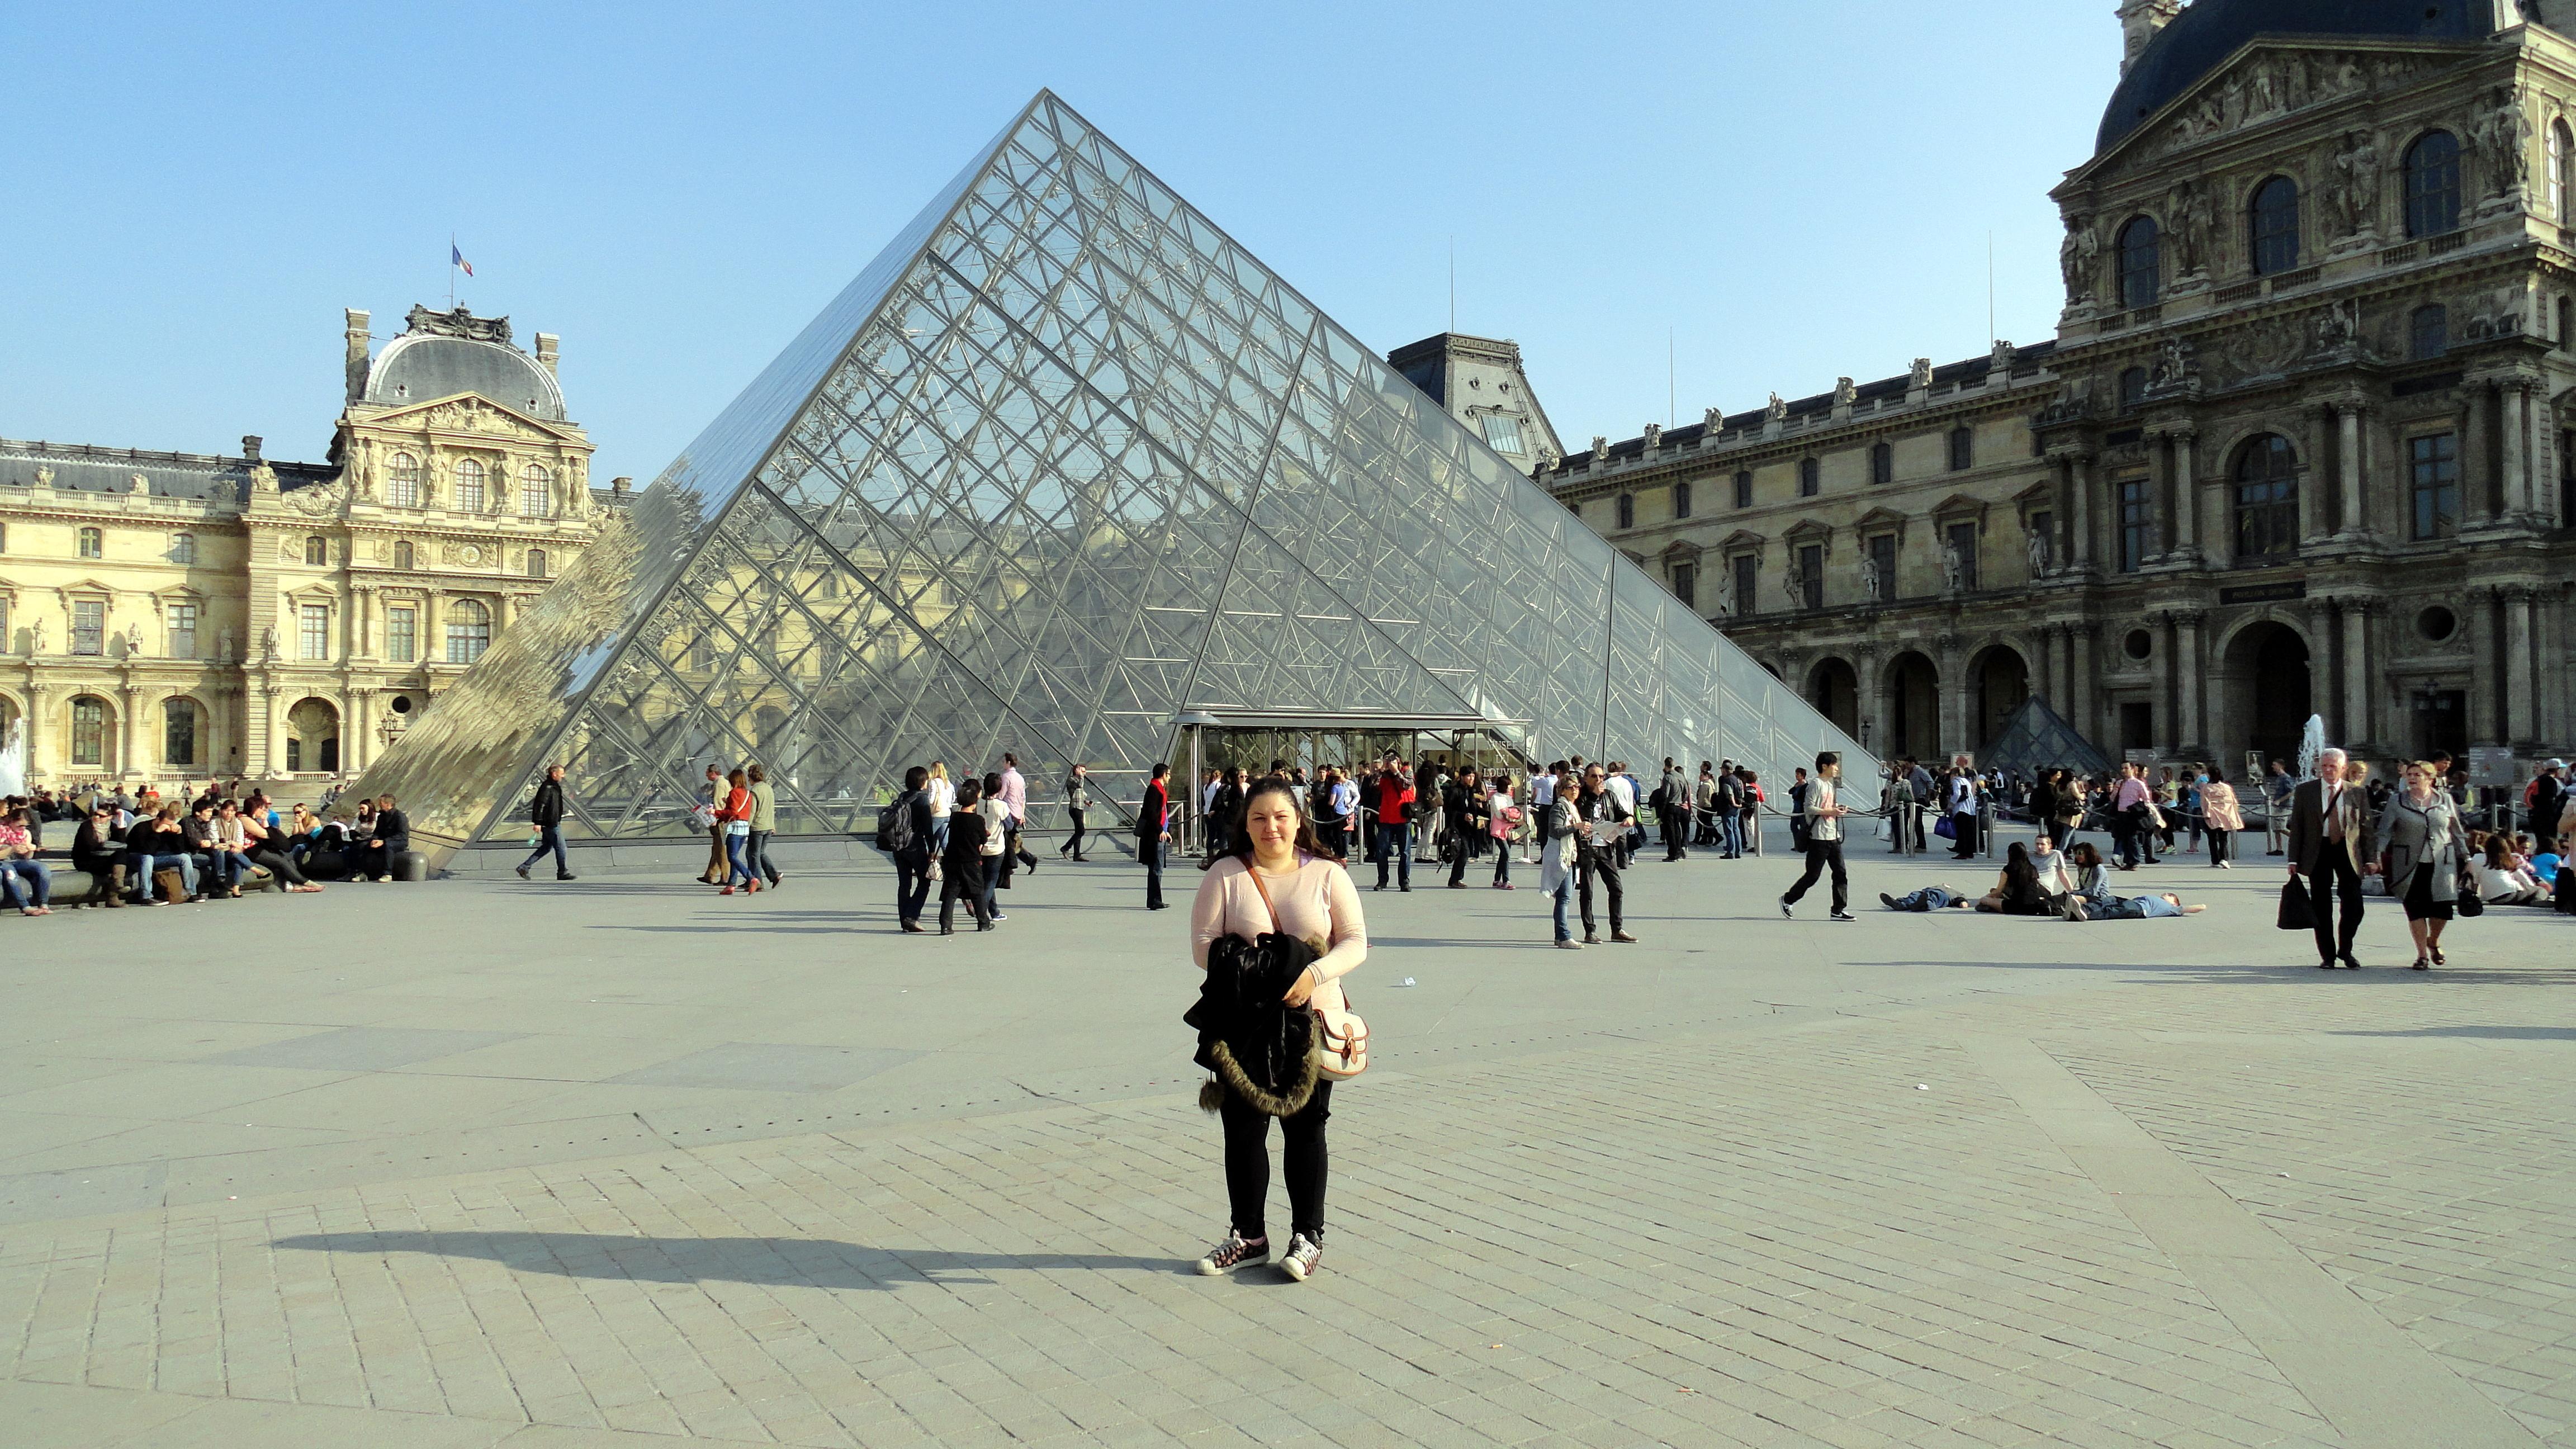 Yo en el Louvre en 2012